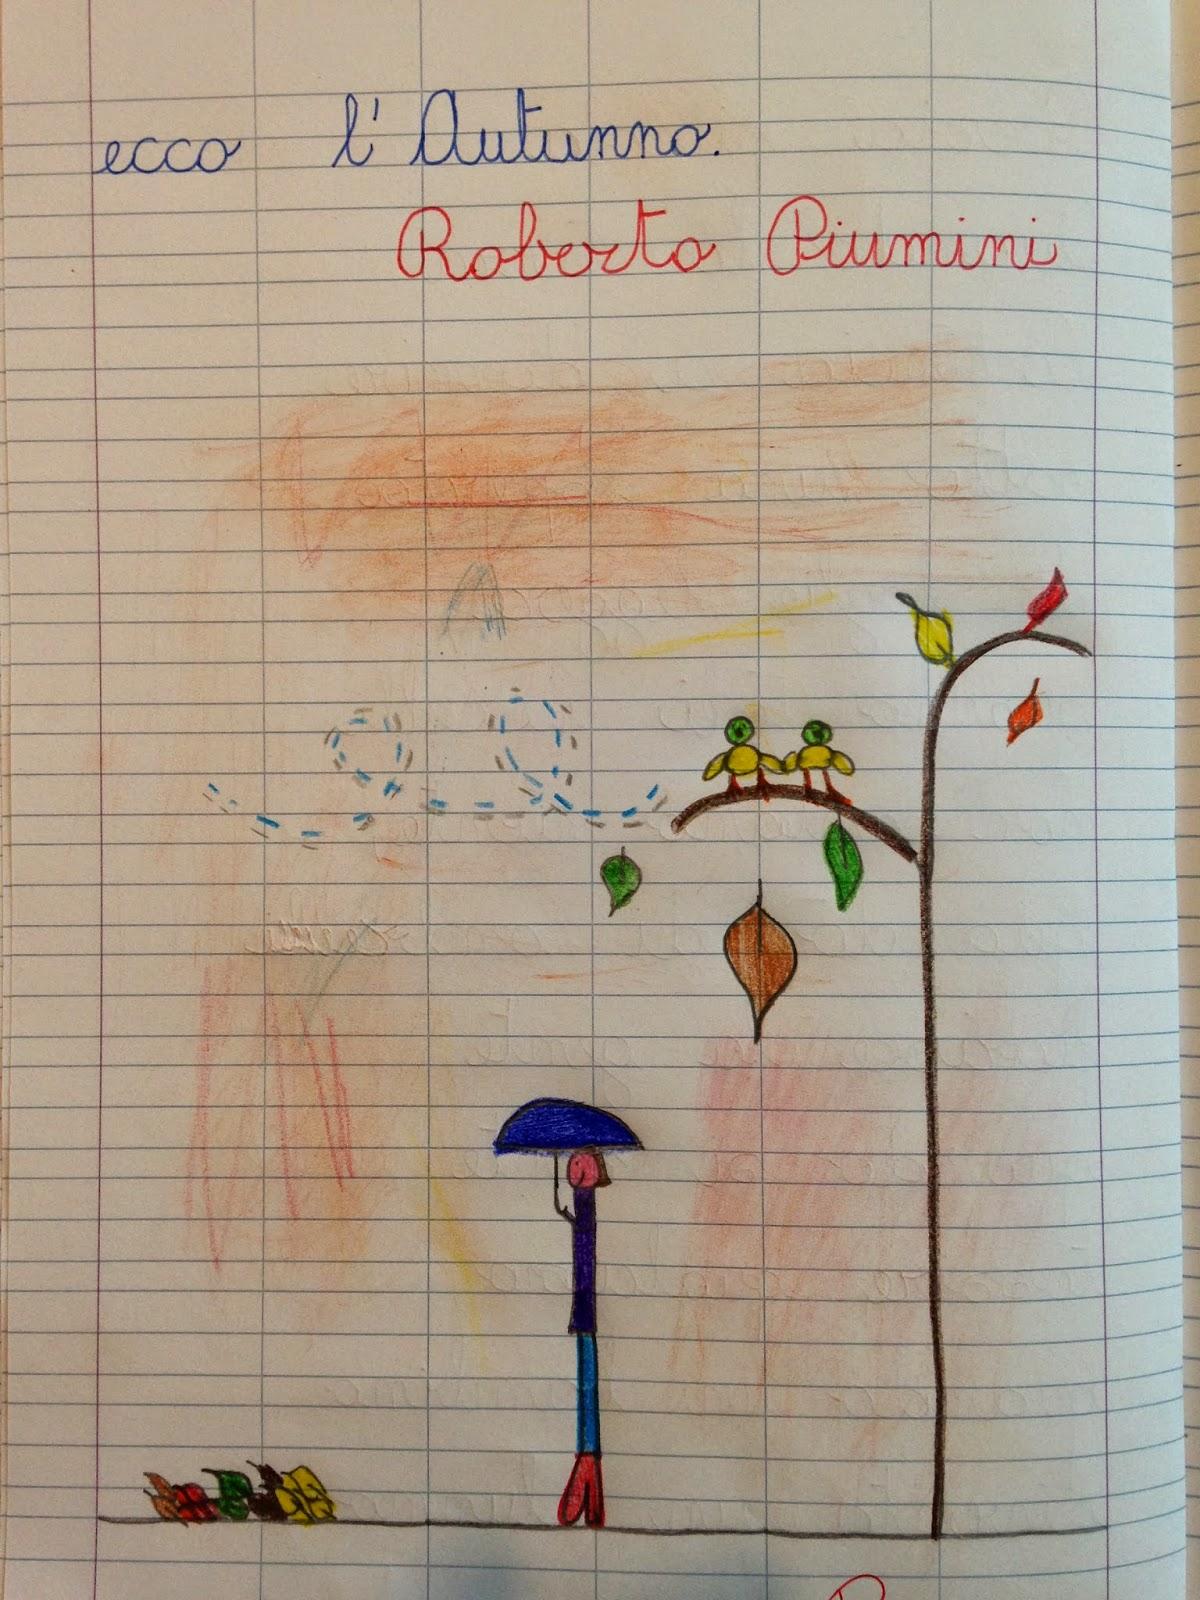 Poesie Di Natale Roberto Piumini.Filastrocche Di Natale Inaugurazione Con Roberto Piumini